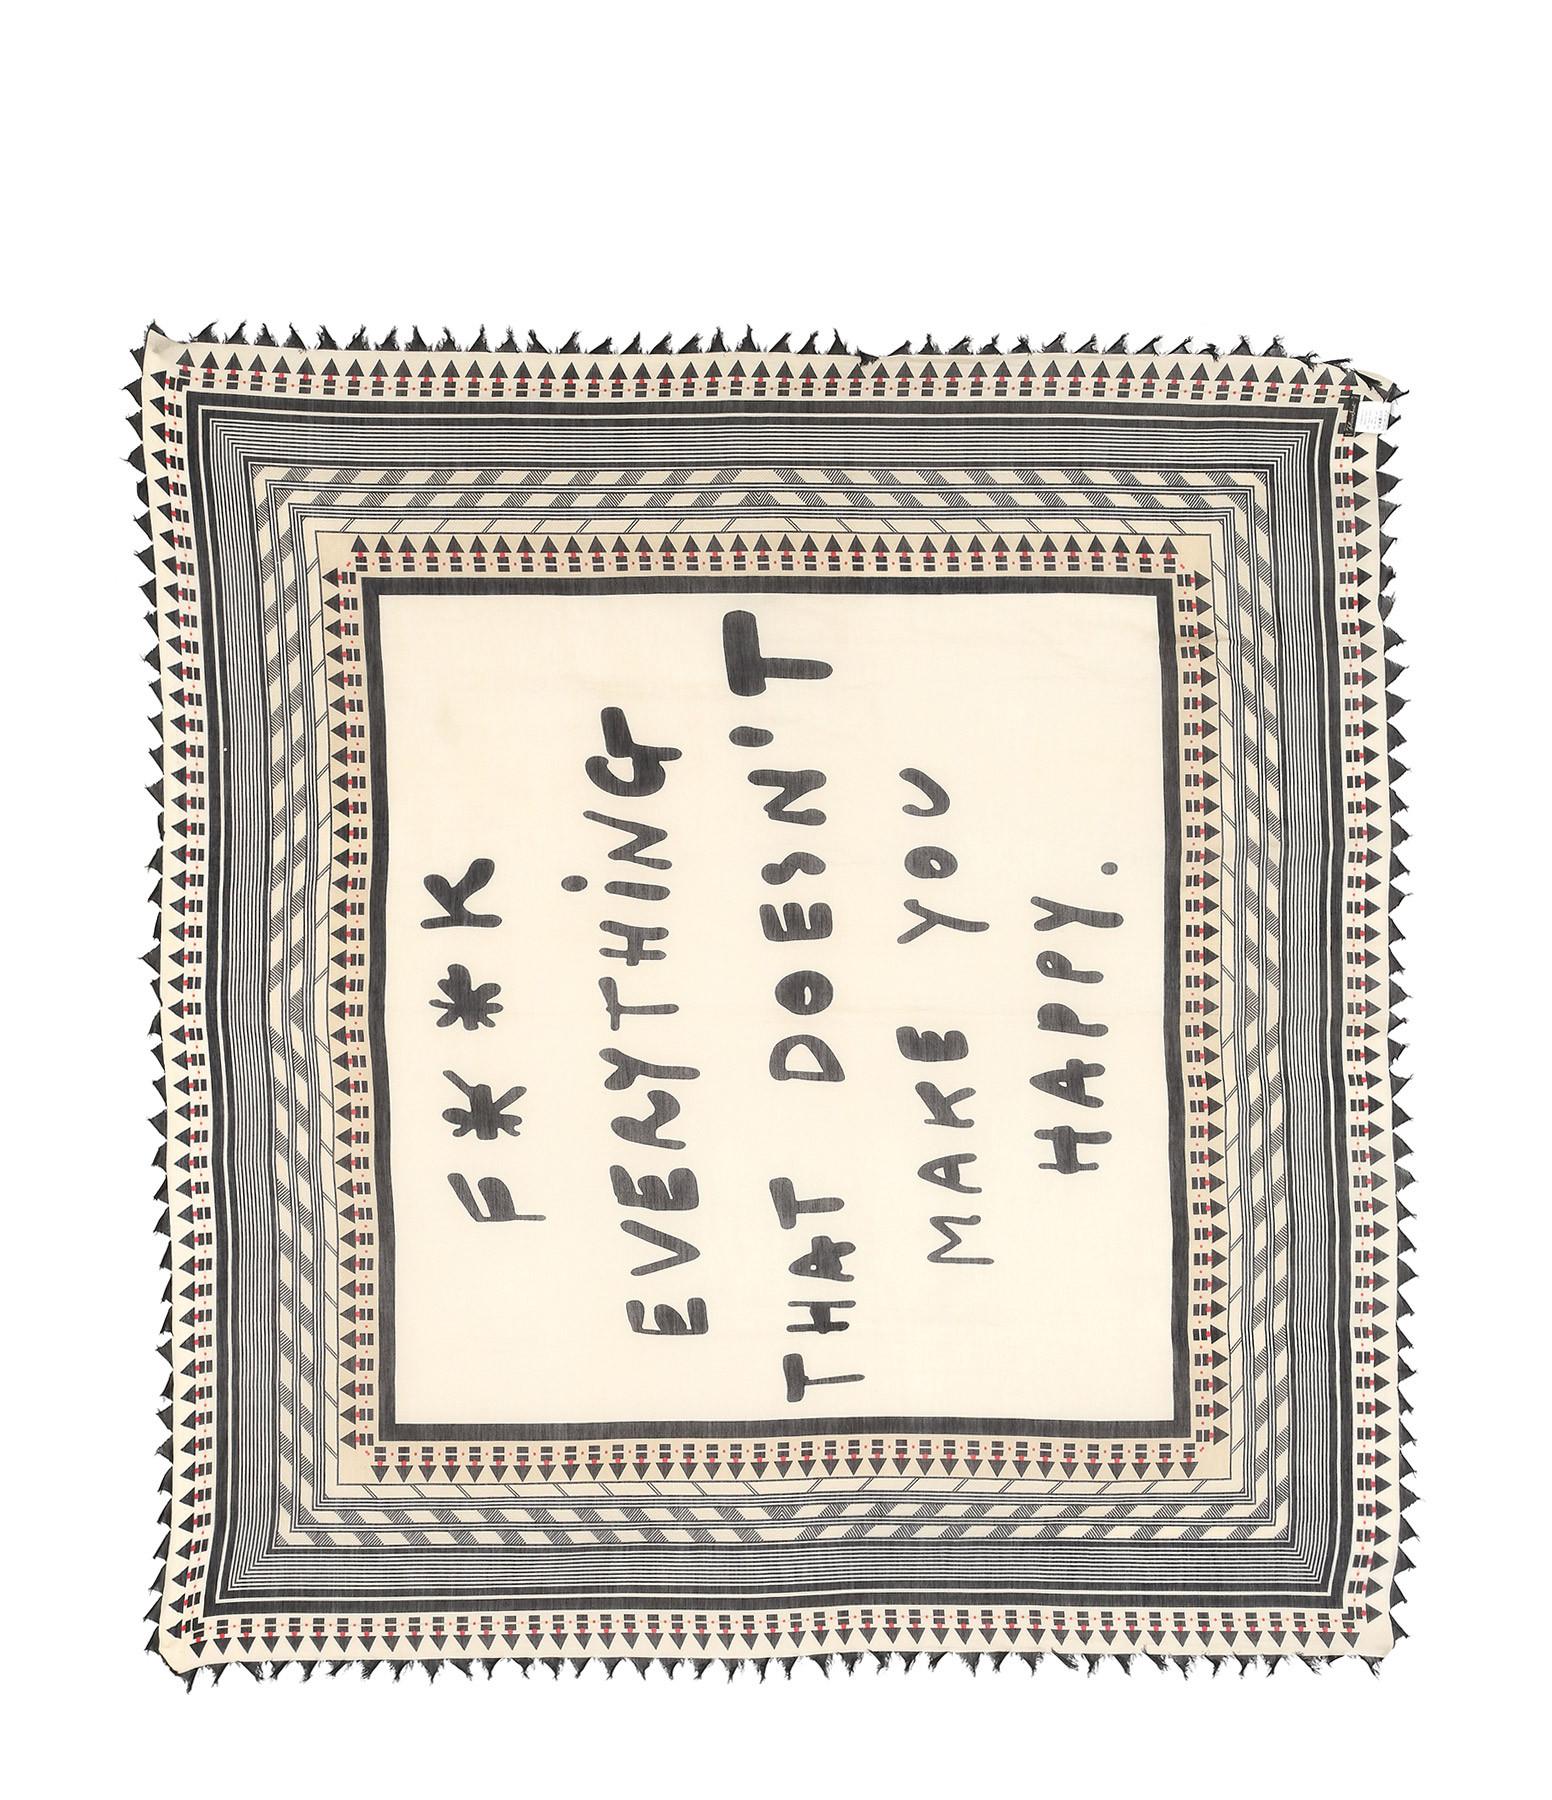 FALIERO SARTI - Foulard Happy Graphique Soie Noir Beige 115x125